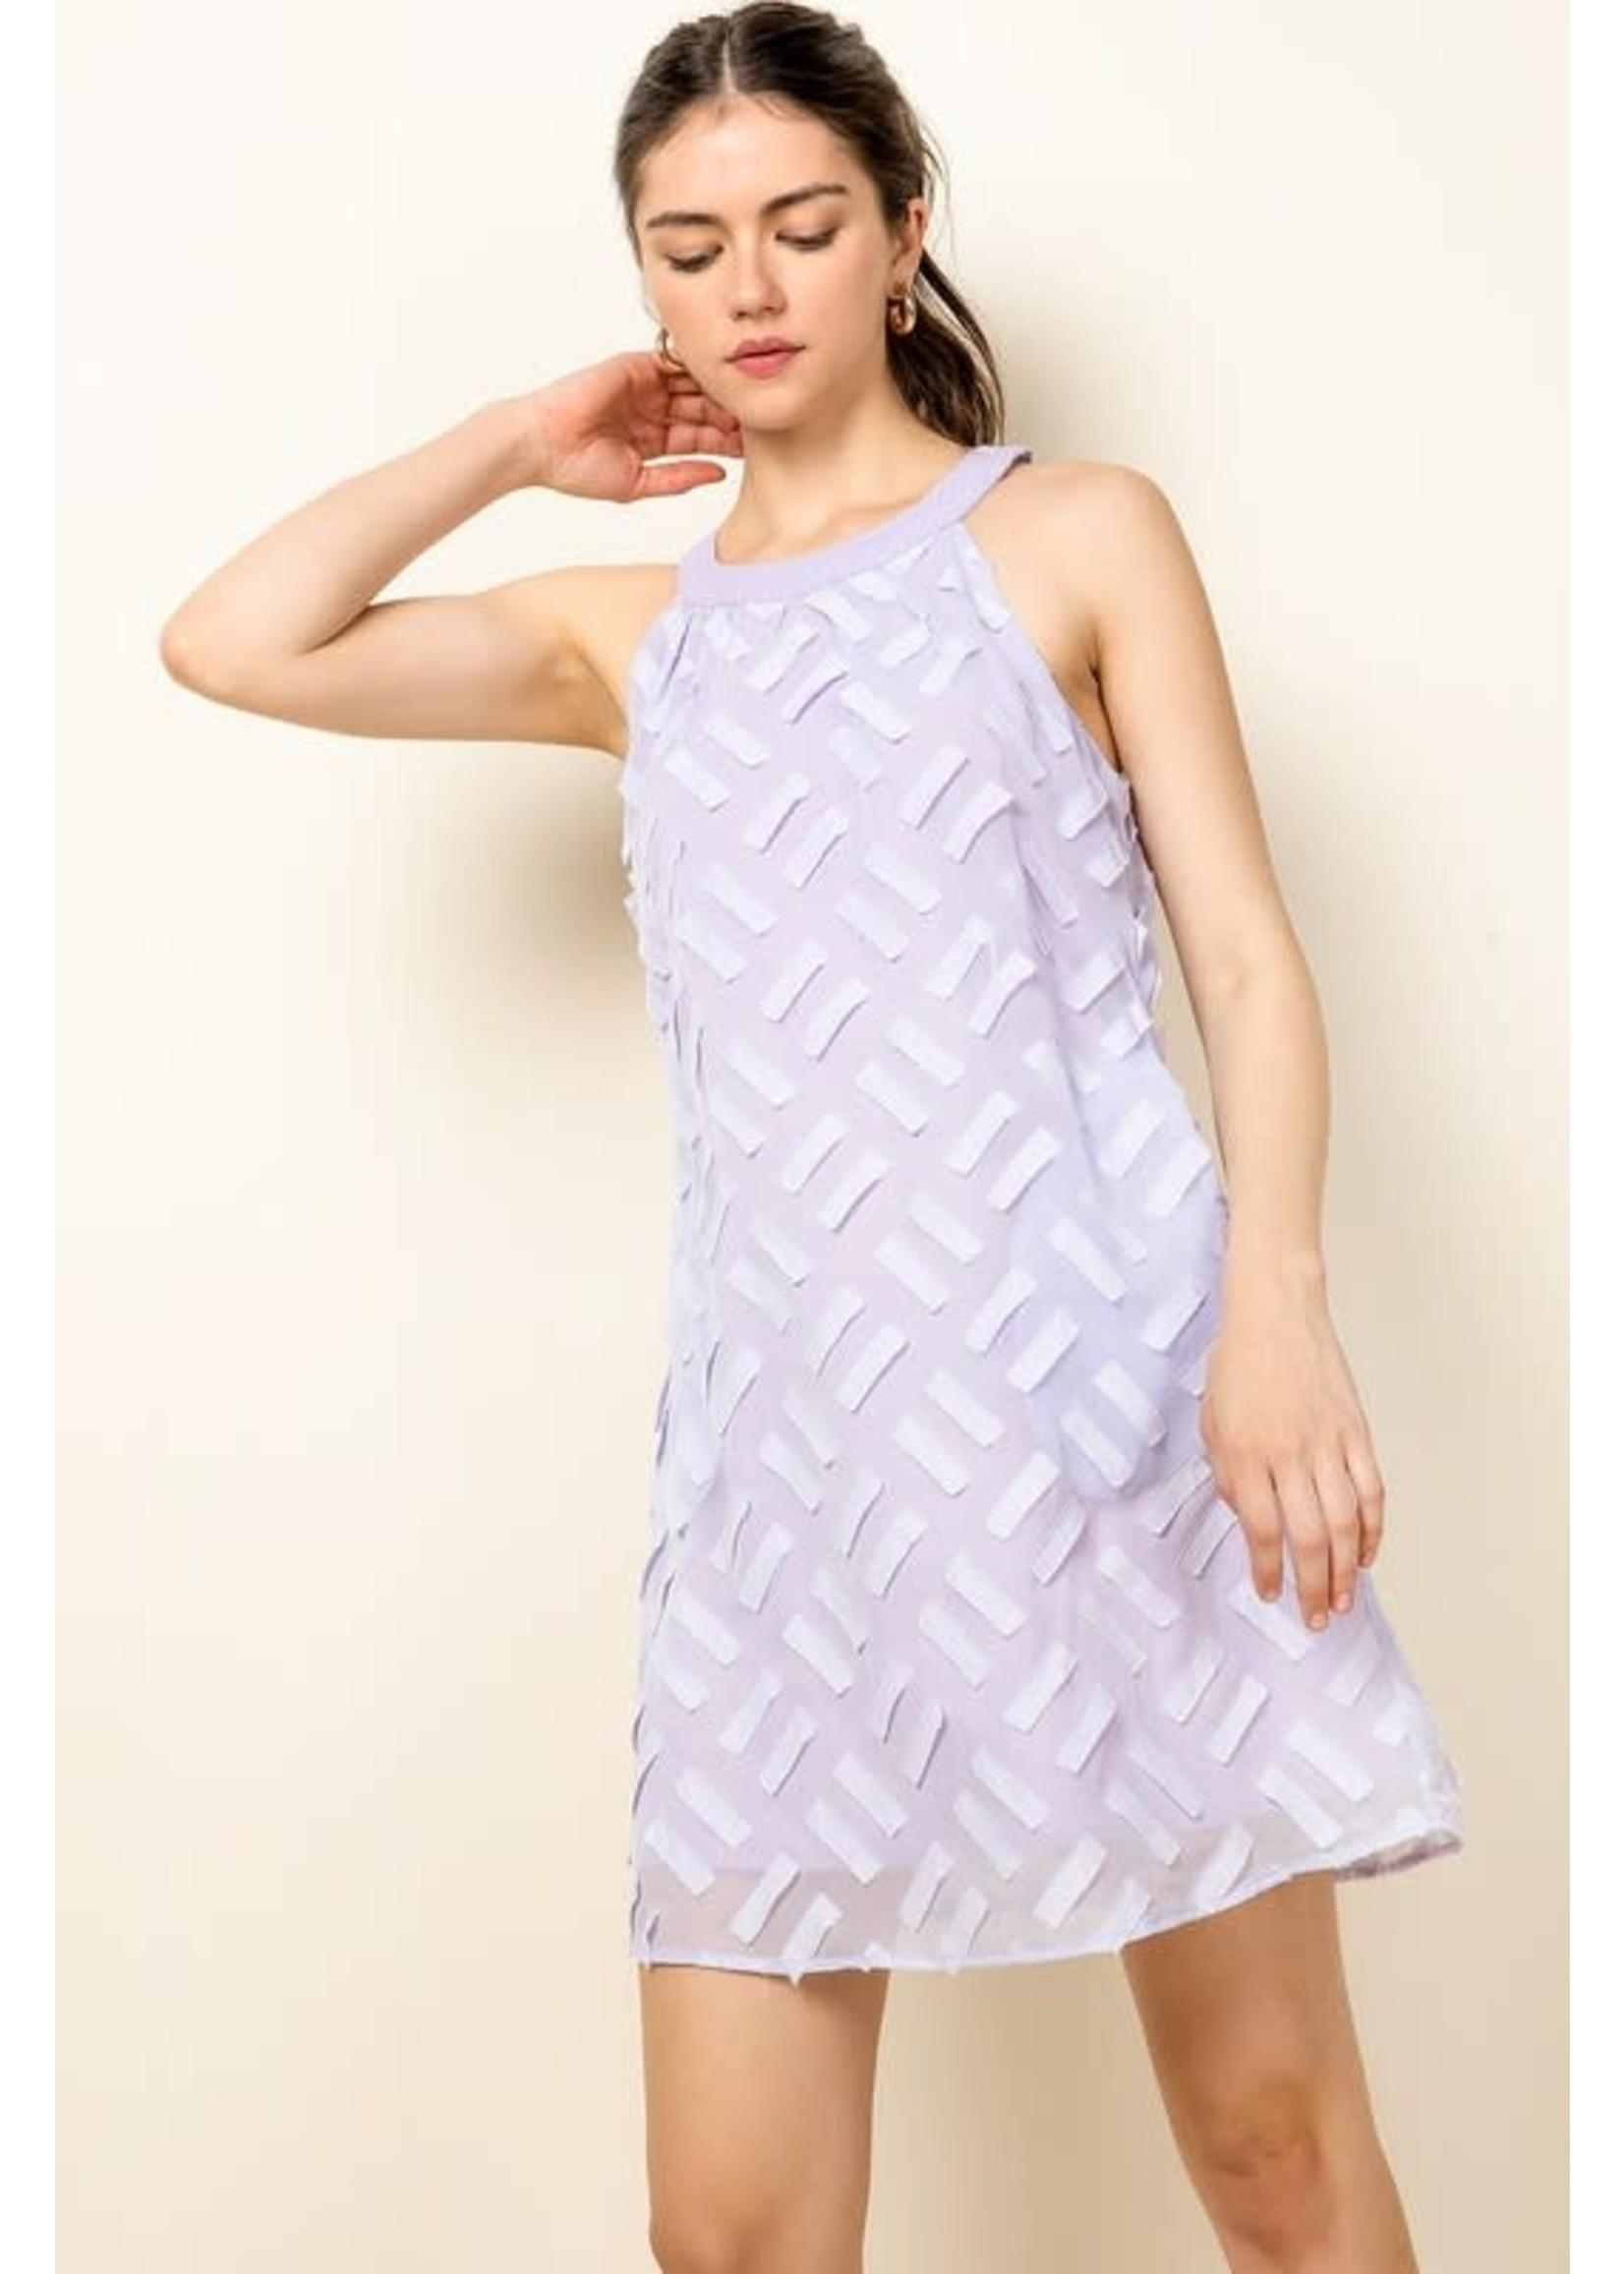 THML Halter Patterned Dress - WCT756